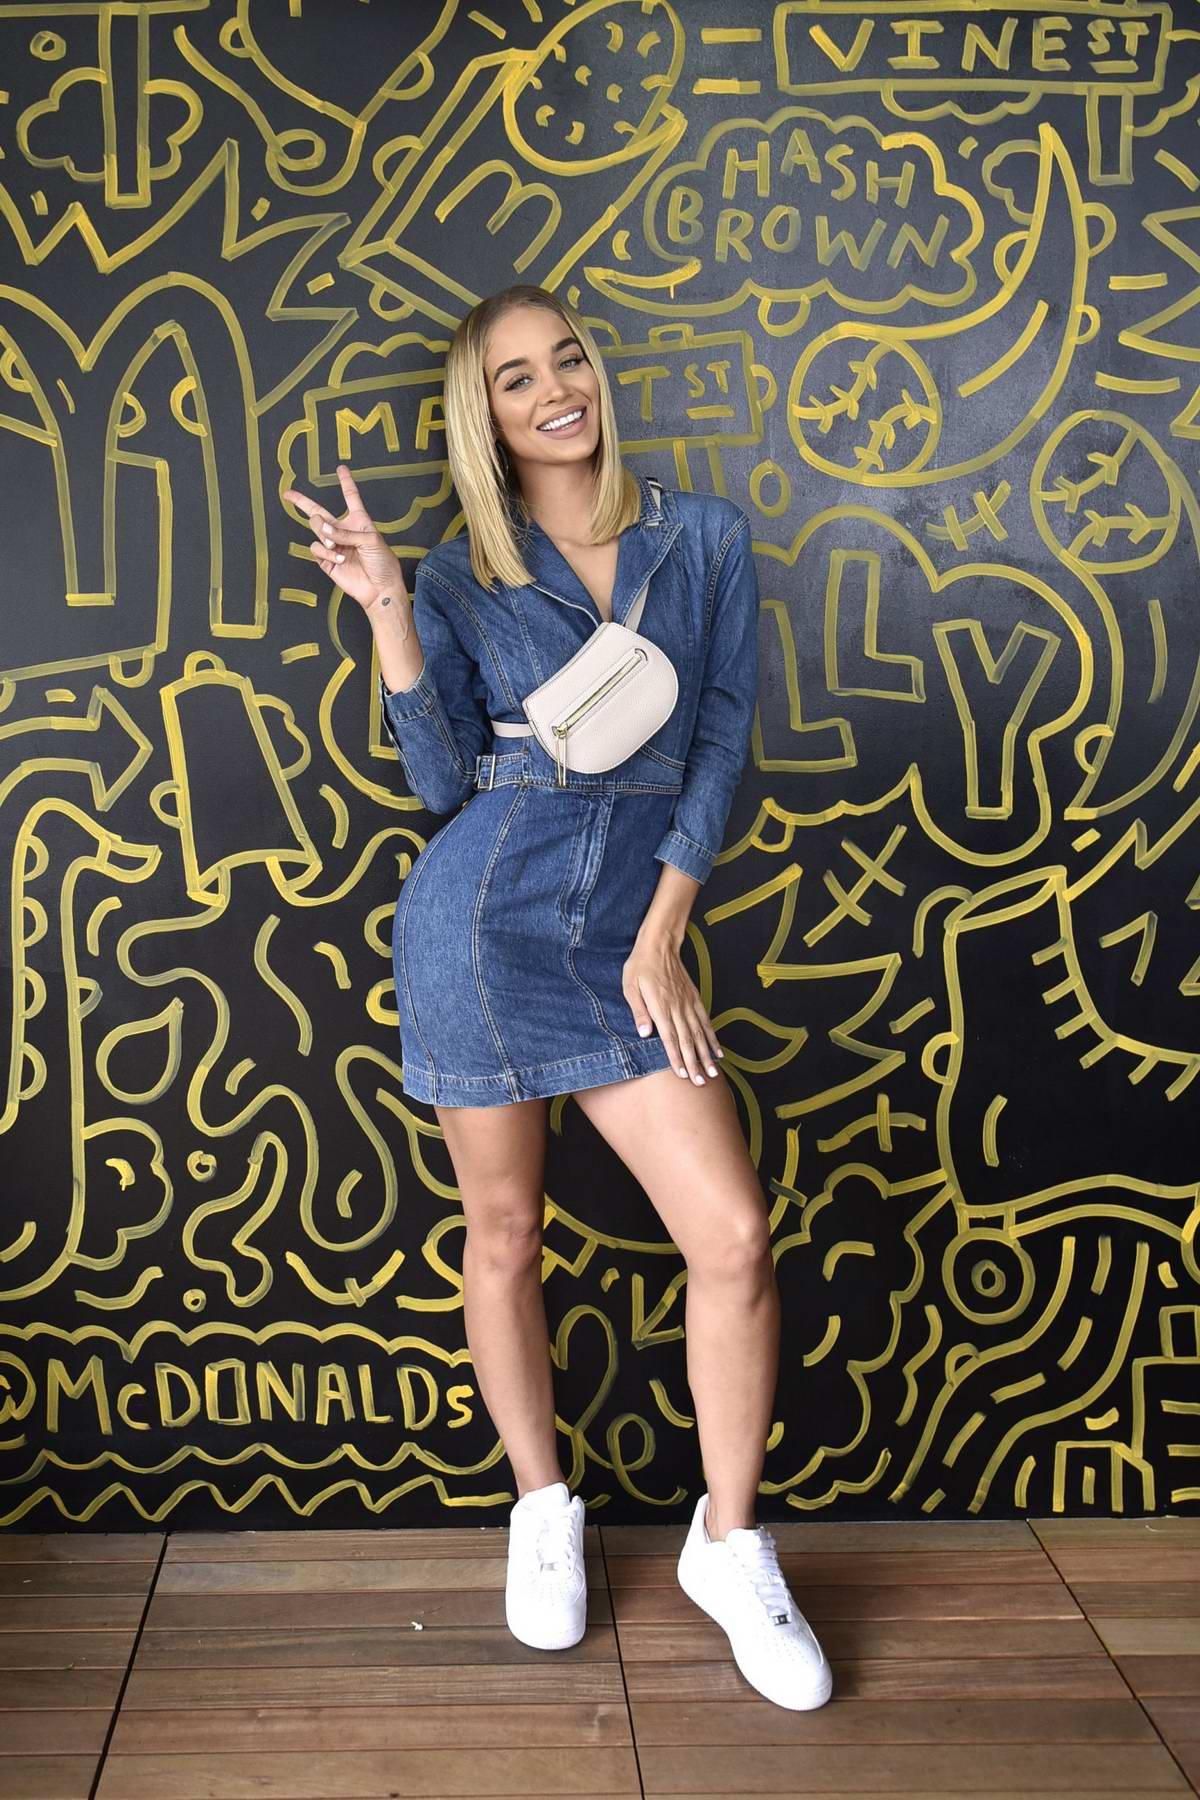 Jasmine Sanders at the McDonald's at Made in America Festival in Philadelphia, Pennsylvania